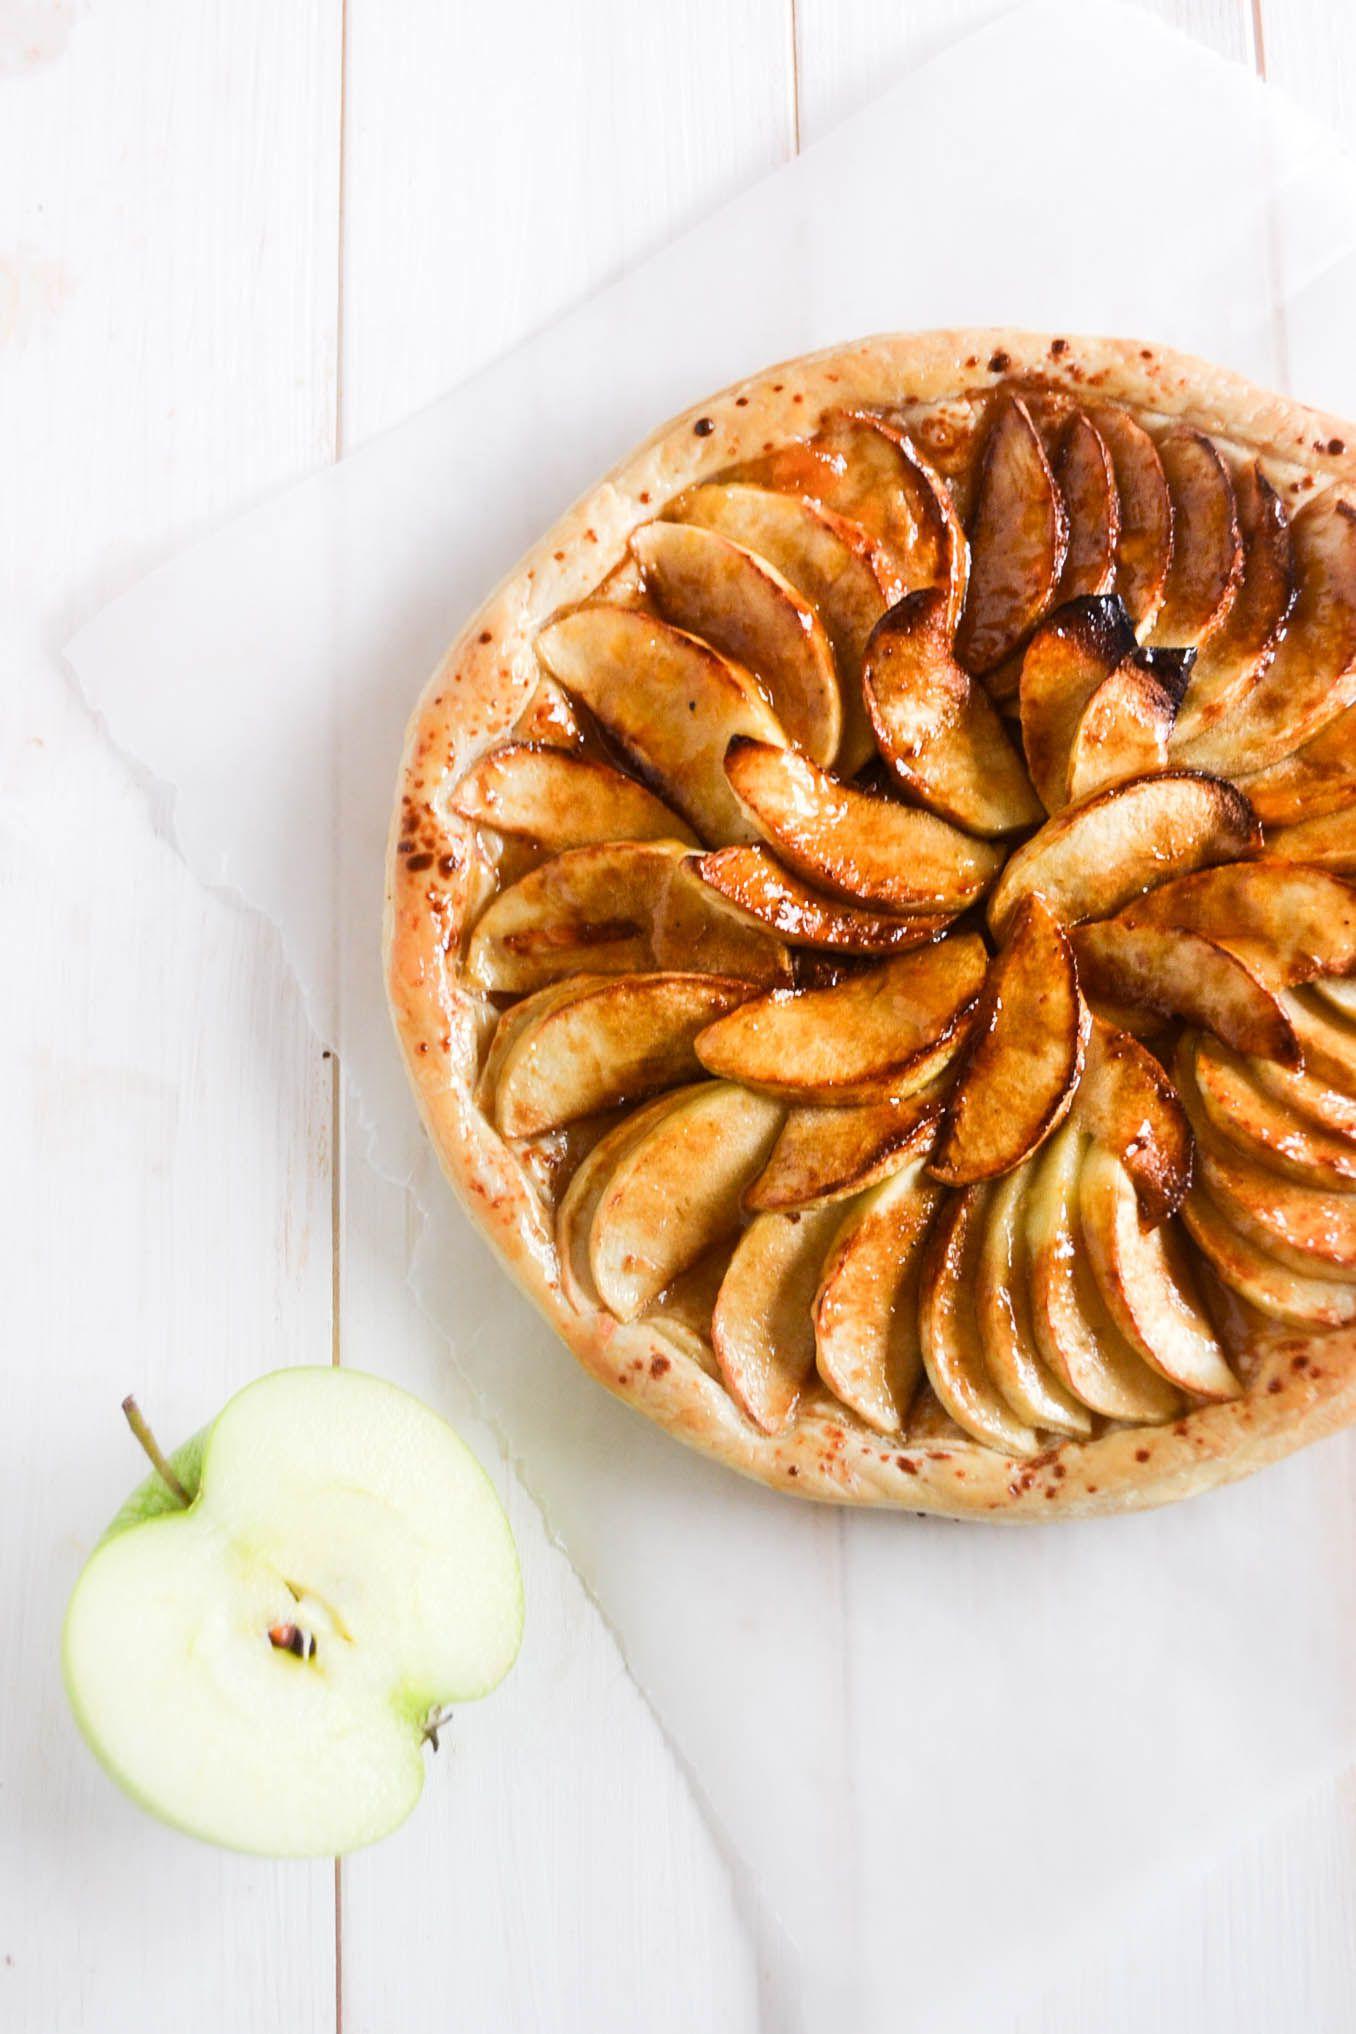 Easy Vegan French Apple Tart - Wallflower Kitchen